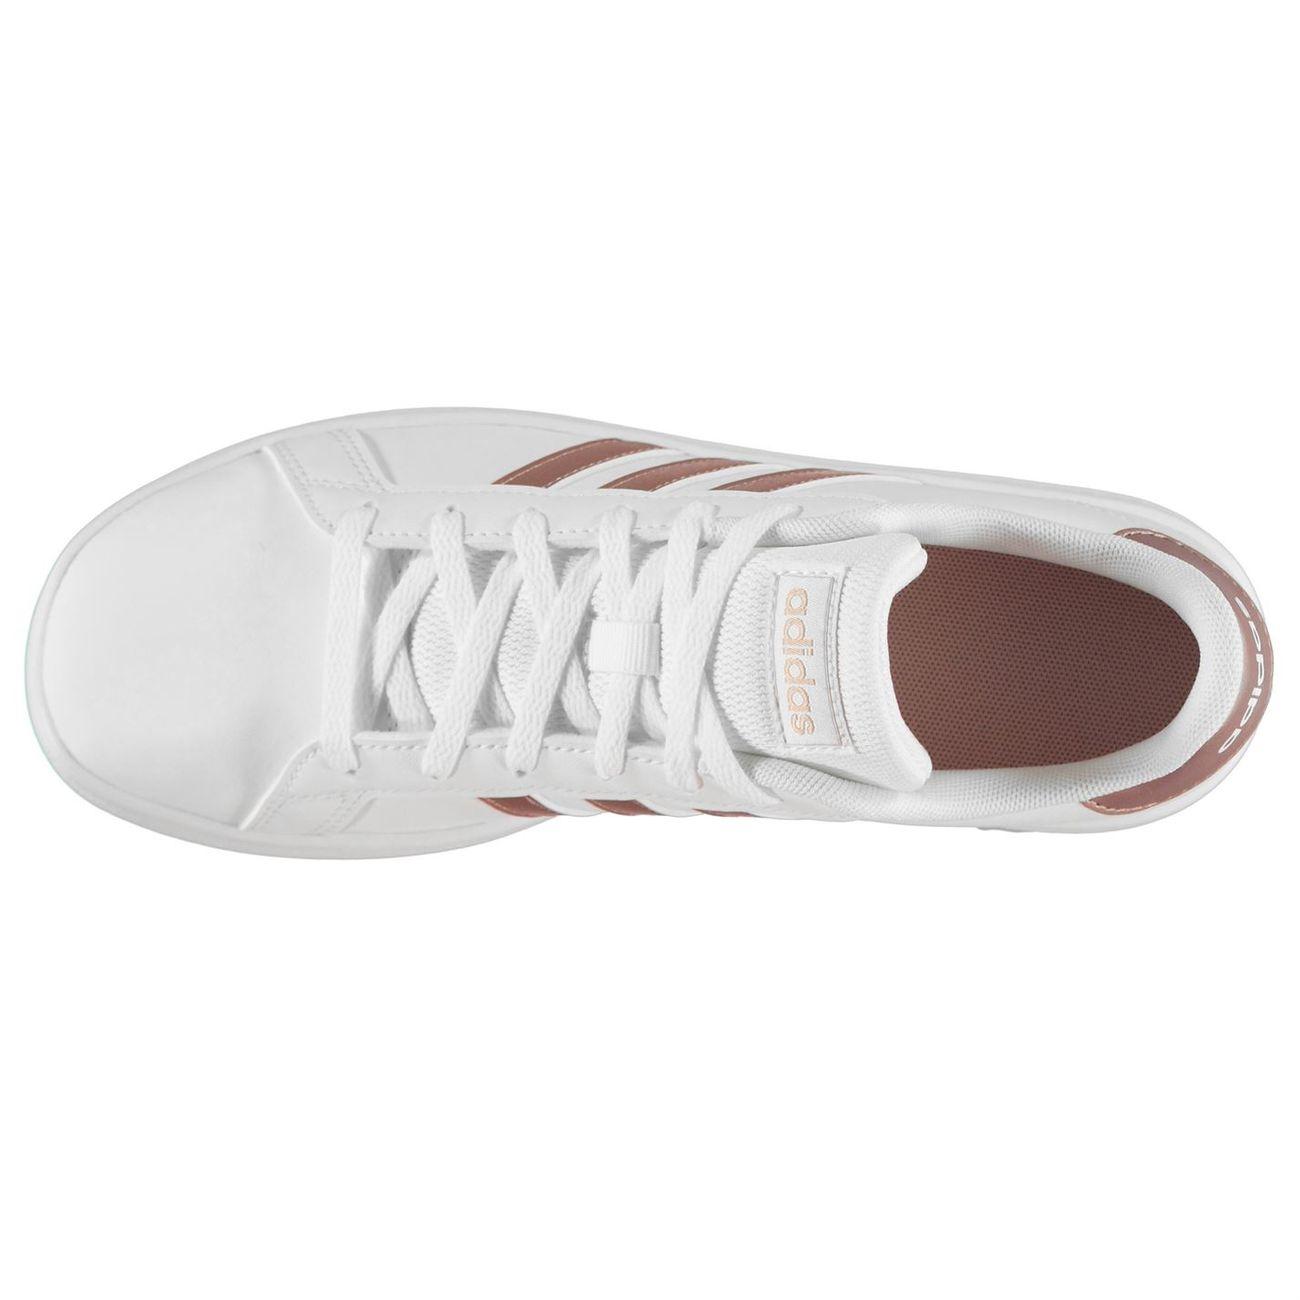 Multisport enfant ADIDAS Grand Court Baskets Basses Chaussures De Sport à Lacets